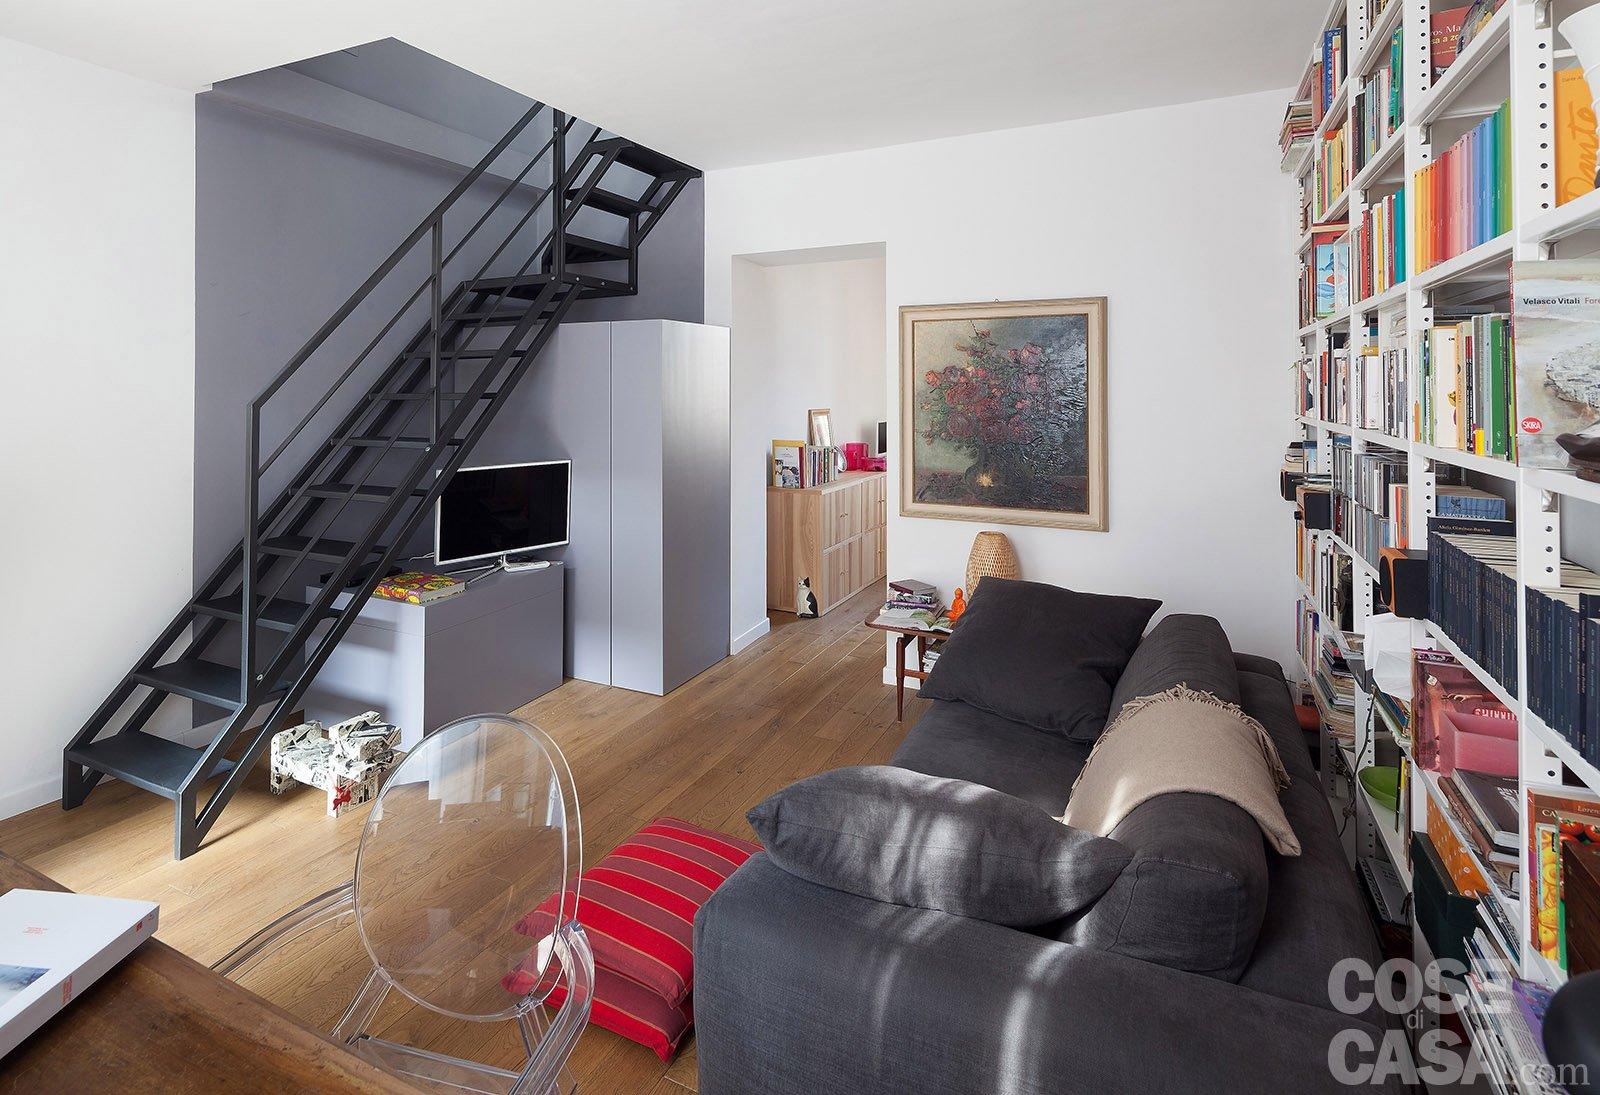 Casabook immobiliare 58 mq trasformati con mini interventi for Divano davanti porta finestra